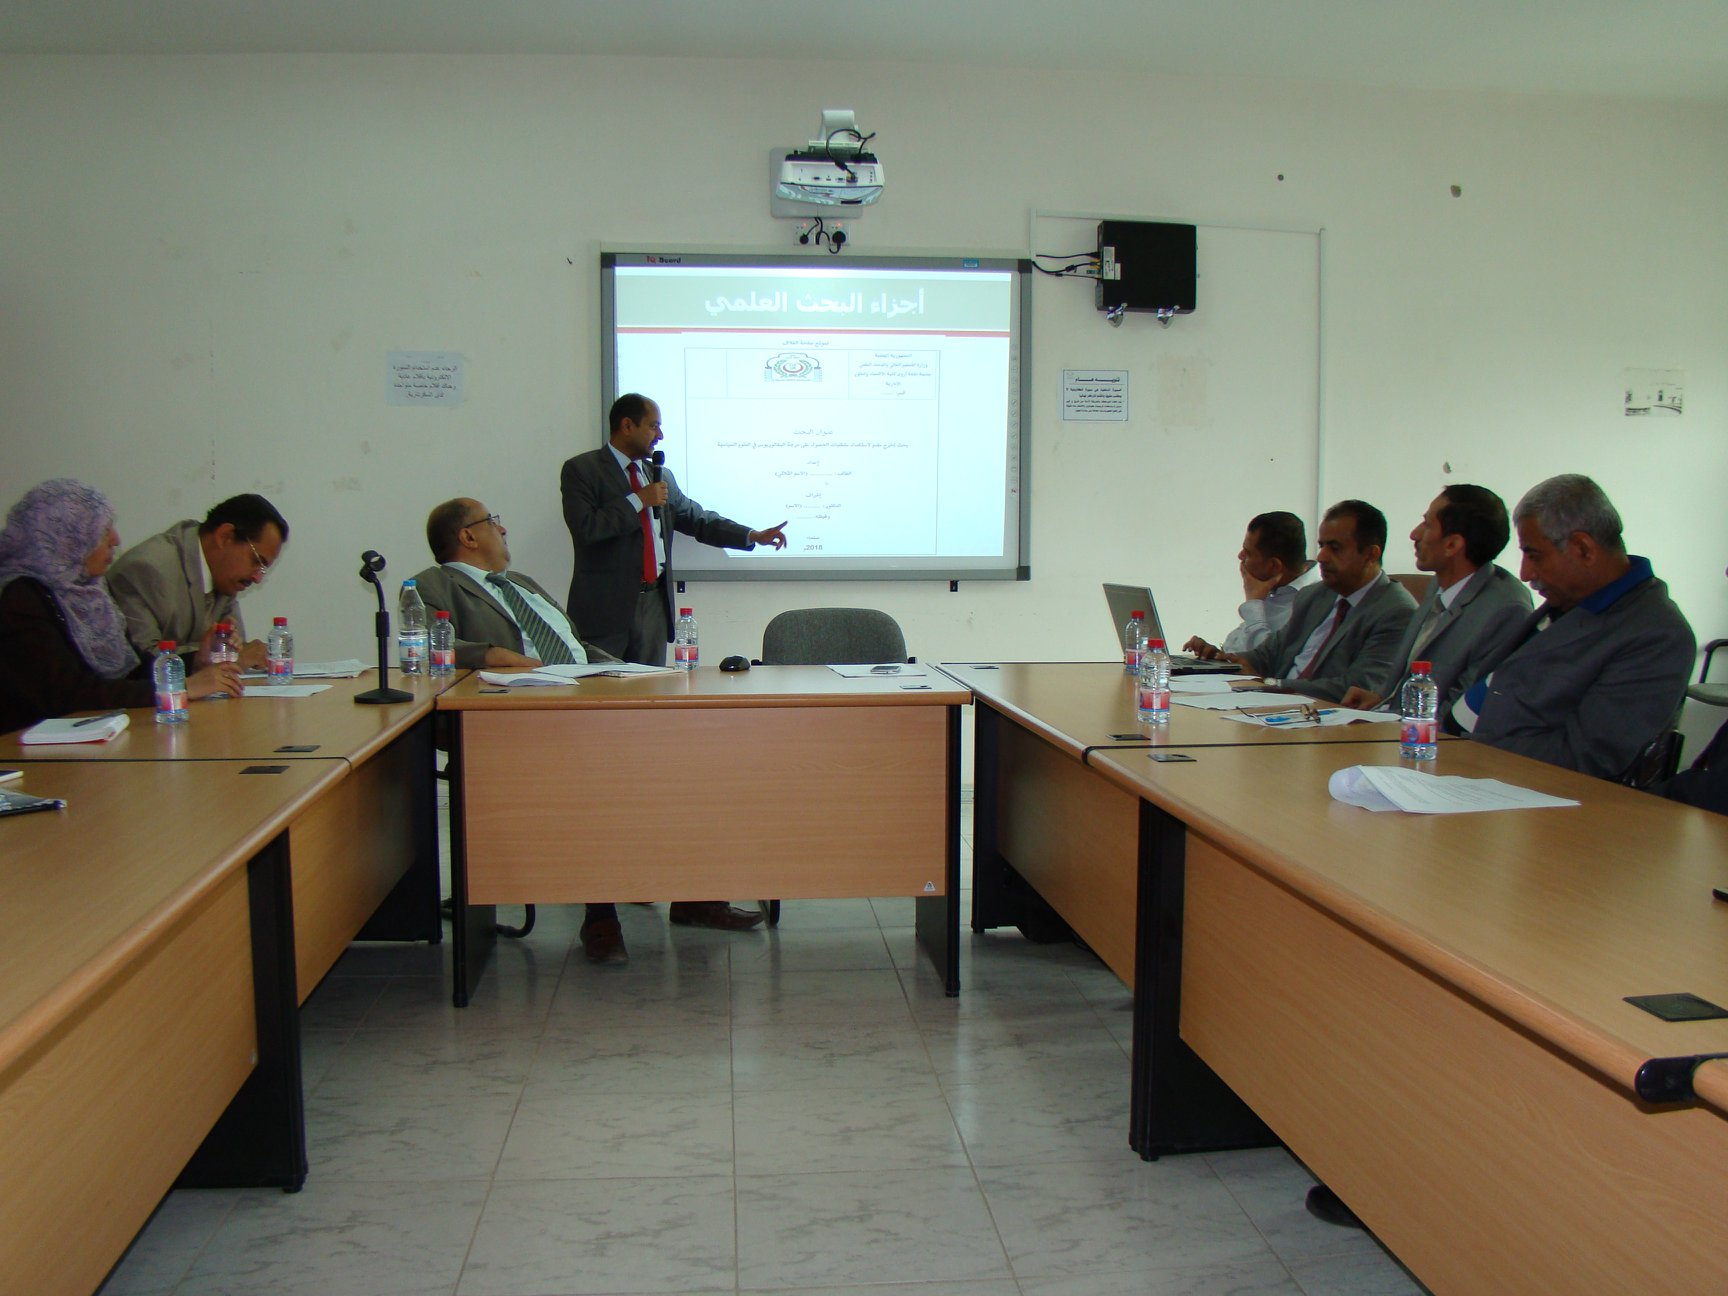 ندوه في كلية الاقتصاد والعلوم الادارية (منهجية البحث العلمي في العلوم السياسية والادارية)